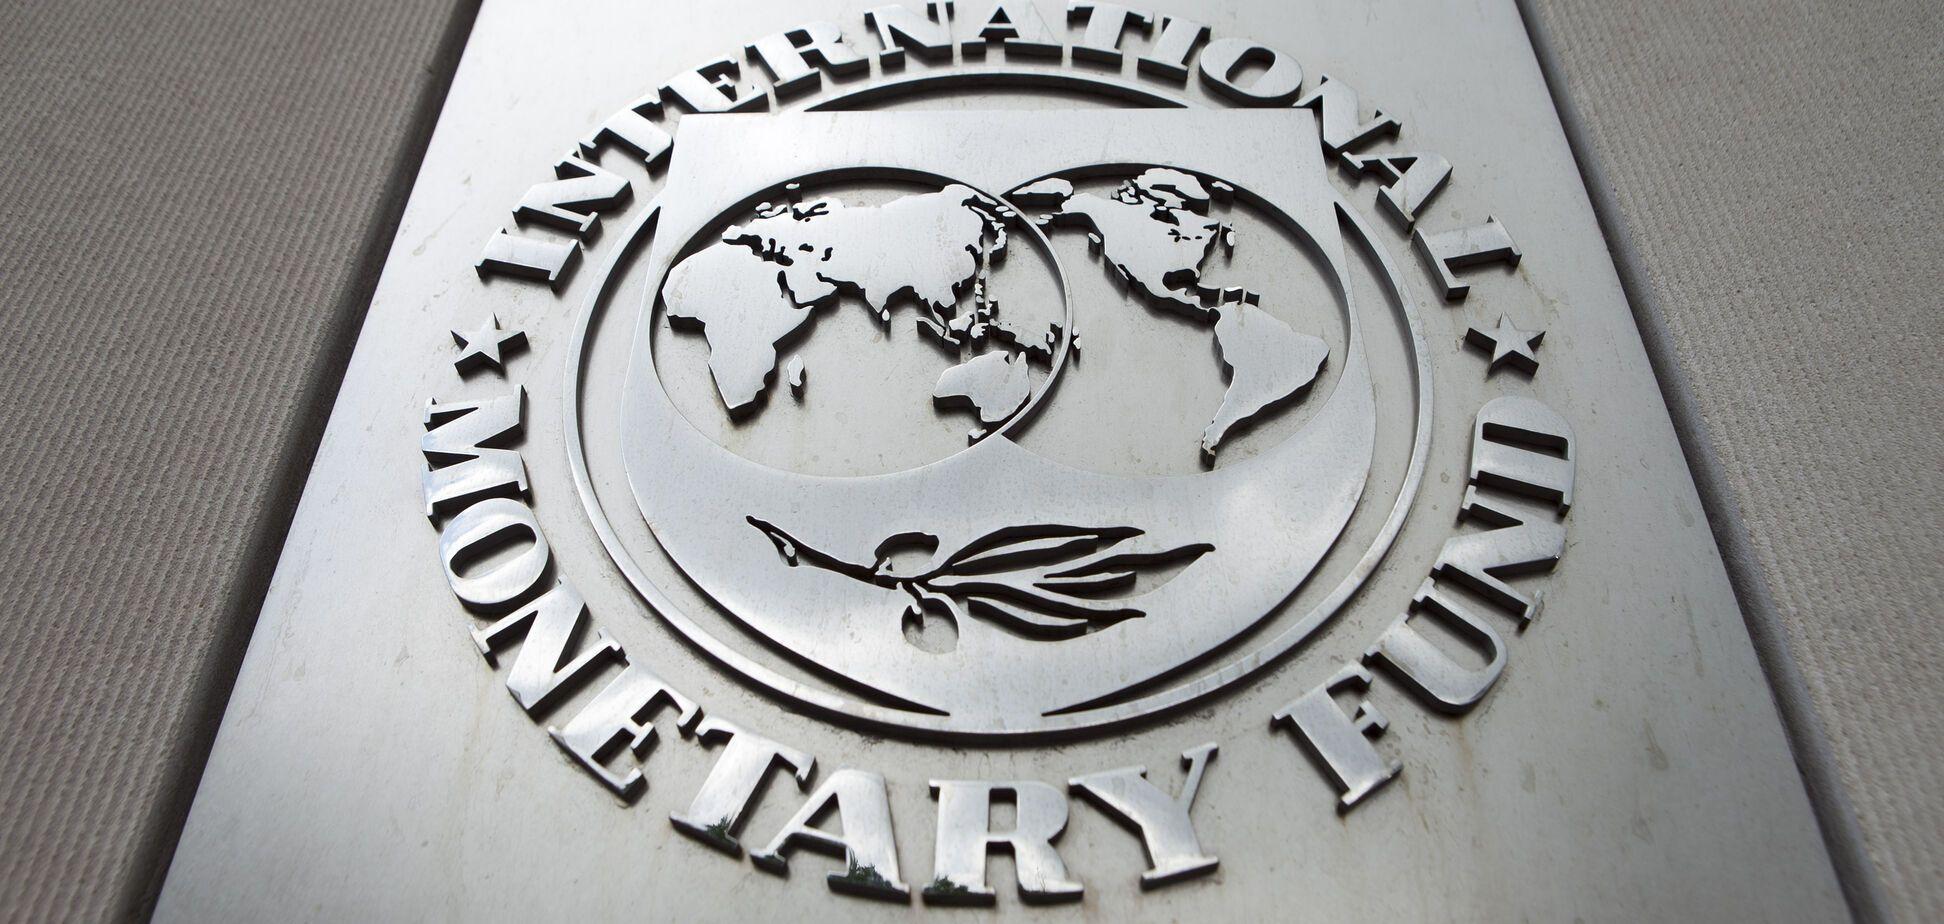 В МВФ назвали главные реформы для роста экономики Украины